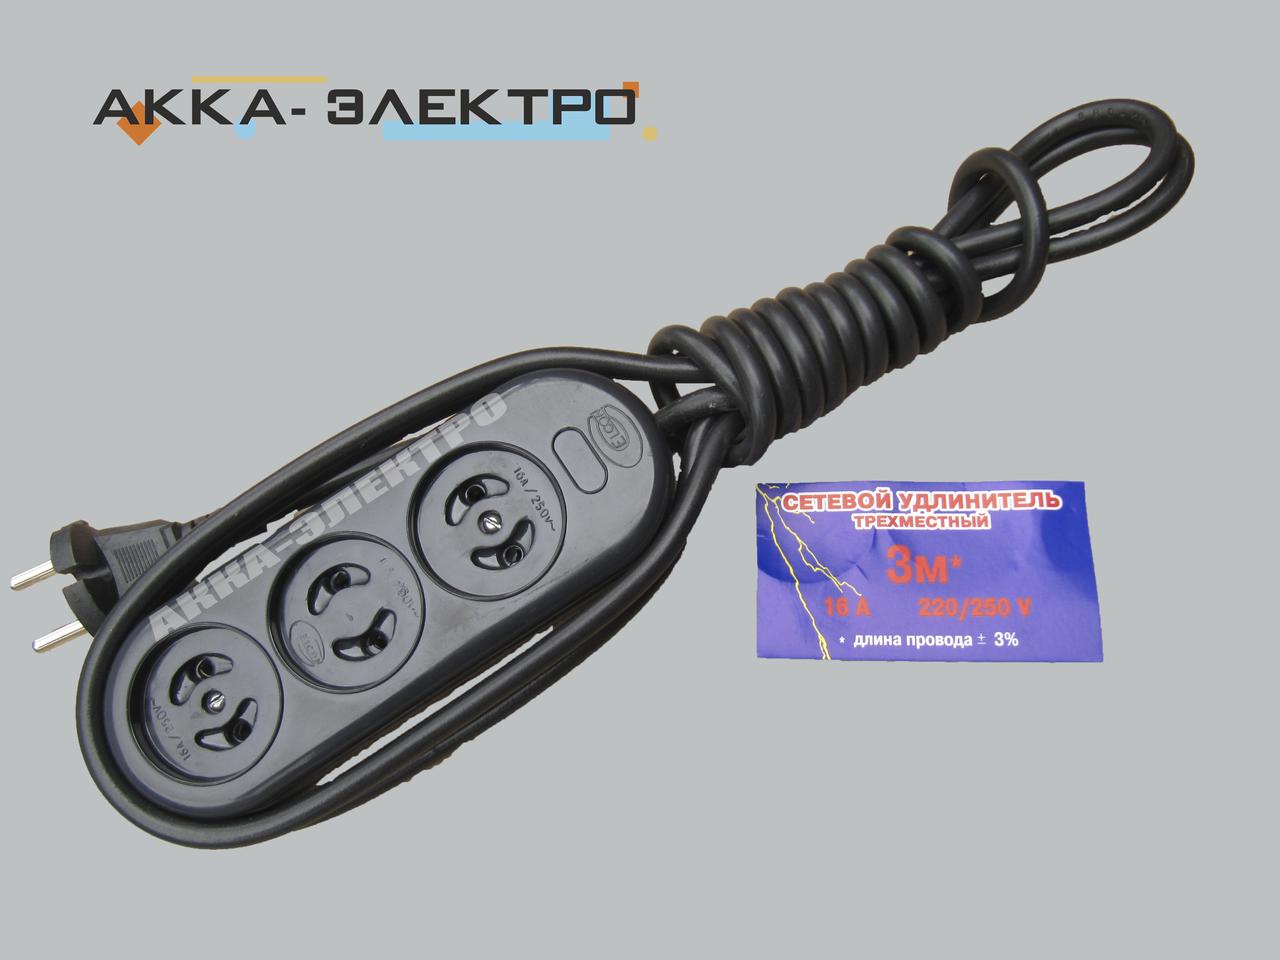 Удлинитель 3 гнезда карболит 3м.16А(черный, в упаковке) Харьков